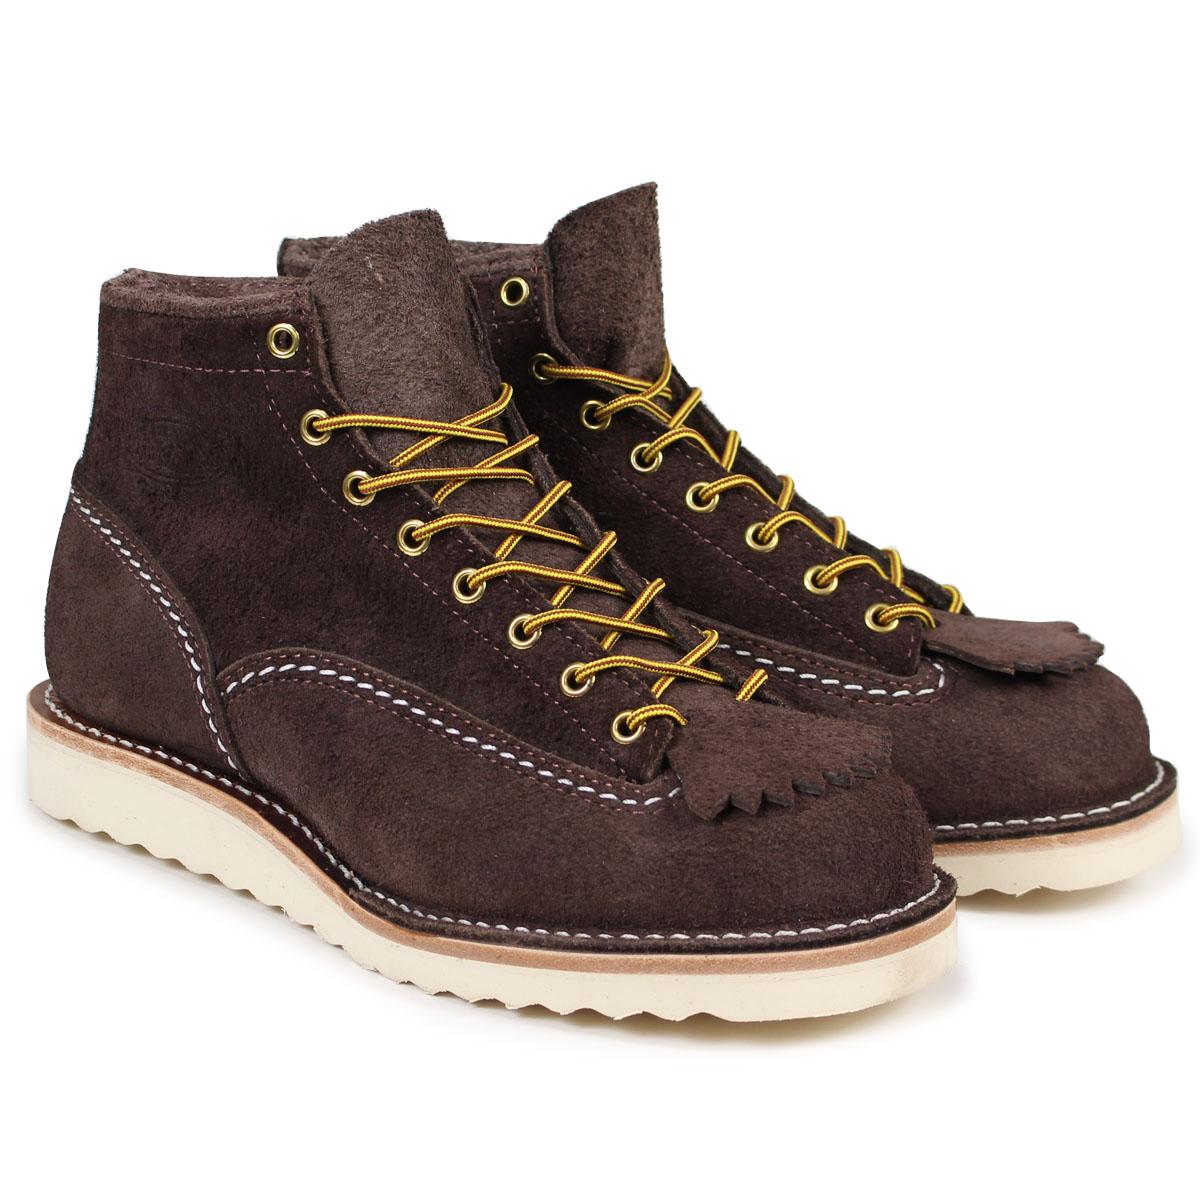 WESCO 6INCH CUSTOM JOB MASTER ウエスコ ジョブマスター ブーツ 6インチ カスタム Eワイズ スエード メンズ ブラウン BR1061010 ウェスコ